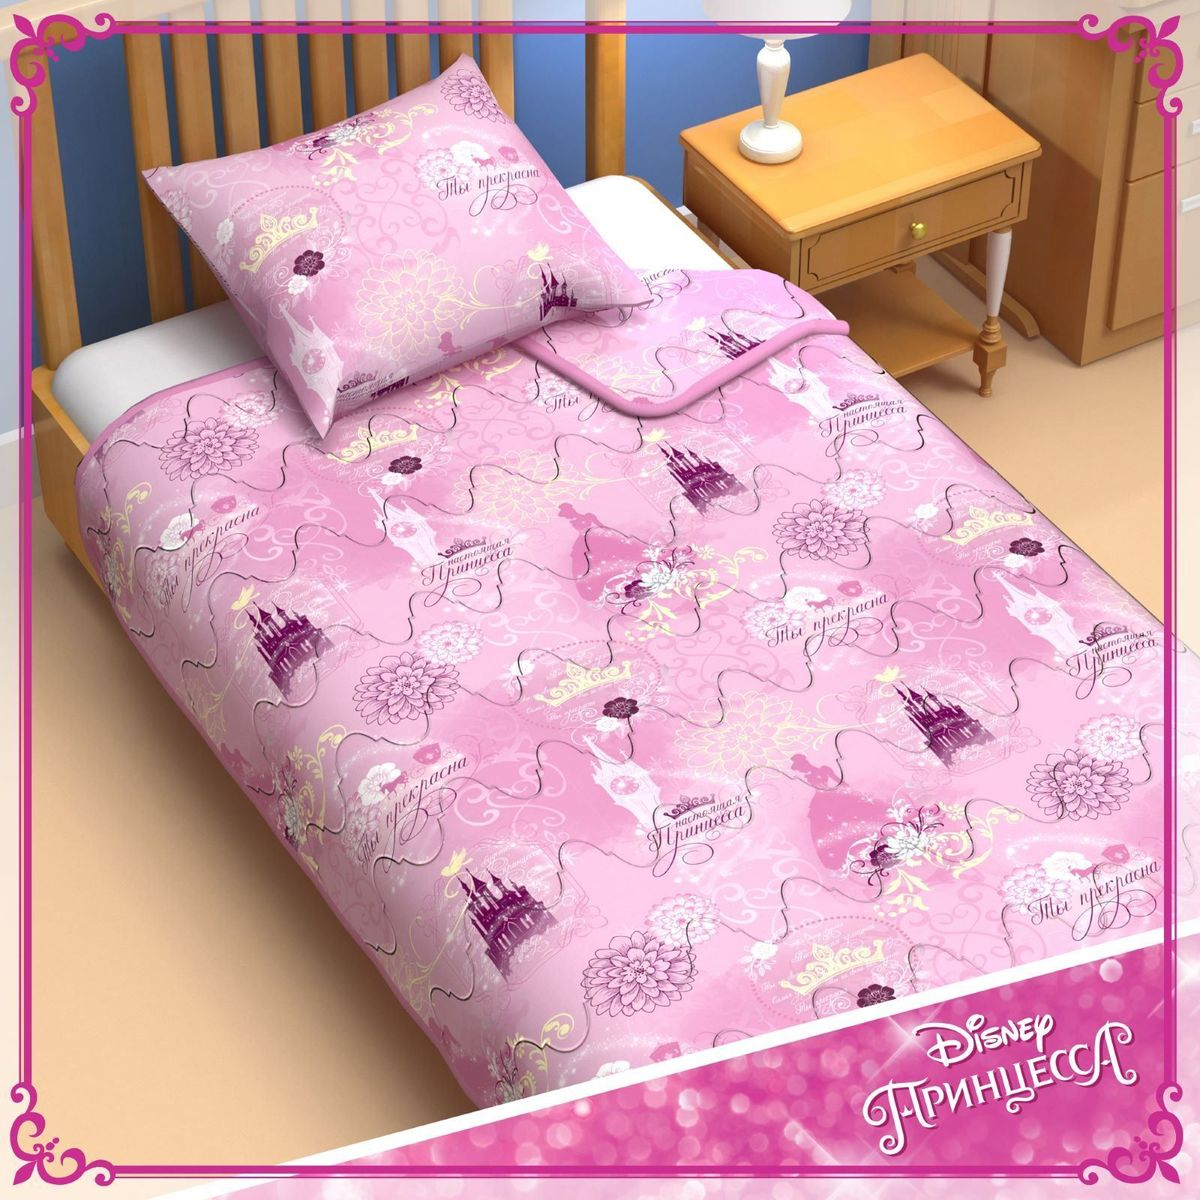 Disney Одеяло 1,5 спальное Принцессы 140 х 205 см 1153169062Сказочные сны с любимыми принцессами Disney. Маленькая любительница мультфильмов Disney будет в восторге от этого очаровательного одеяла нежно розового цвета с надписями на русском языке! Оно подарит крохе сны, полные волшебства, и по-настоящему доброе утро.Почему?Потому что одеяло изготовлено в России на современном оборудовании, а при нанесении рисунка использовались только качественные европейские красители.Над дизайном работала команда настоящих мастеров своего дела: очаровательные персонажи мультфильмов, детально проработанная картинка, гармоничное сочетание цветов — всё это результат их кропотливой работы.В качестве наполнителя для изделия используется файбер — практичный, безопасный и мягкий материал. Именно поэтому одеяло:поддерживает комфортную температуру тела во время сна;не способствует появлению аллергии и раздражения;позволяет коже дышать и впитывает влагу;хорошо переносит многочисленные стирки, сохраняя первоначальную форму и внешний вид;Чехол выполнен из поплина — прочной, невероятно приятной на ощупь хлопковой ткани, которая хорошо поддаётся окрашиванию и также позволяет коже дышать.Состав:Чехол: хлопок 100 %, поплин 125 г/м?.Наполнитель: файбер 200 г/м?. Рекомендации по уходу за изделием: стирайте при температуре не выше 40 °C без использования отбеливателей. Сушите в горизонтальном положении.